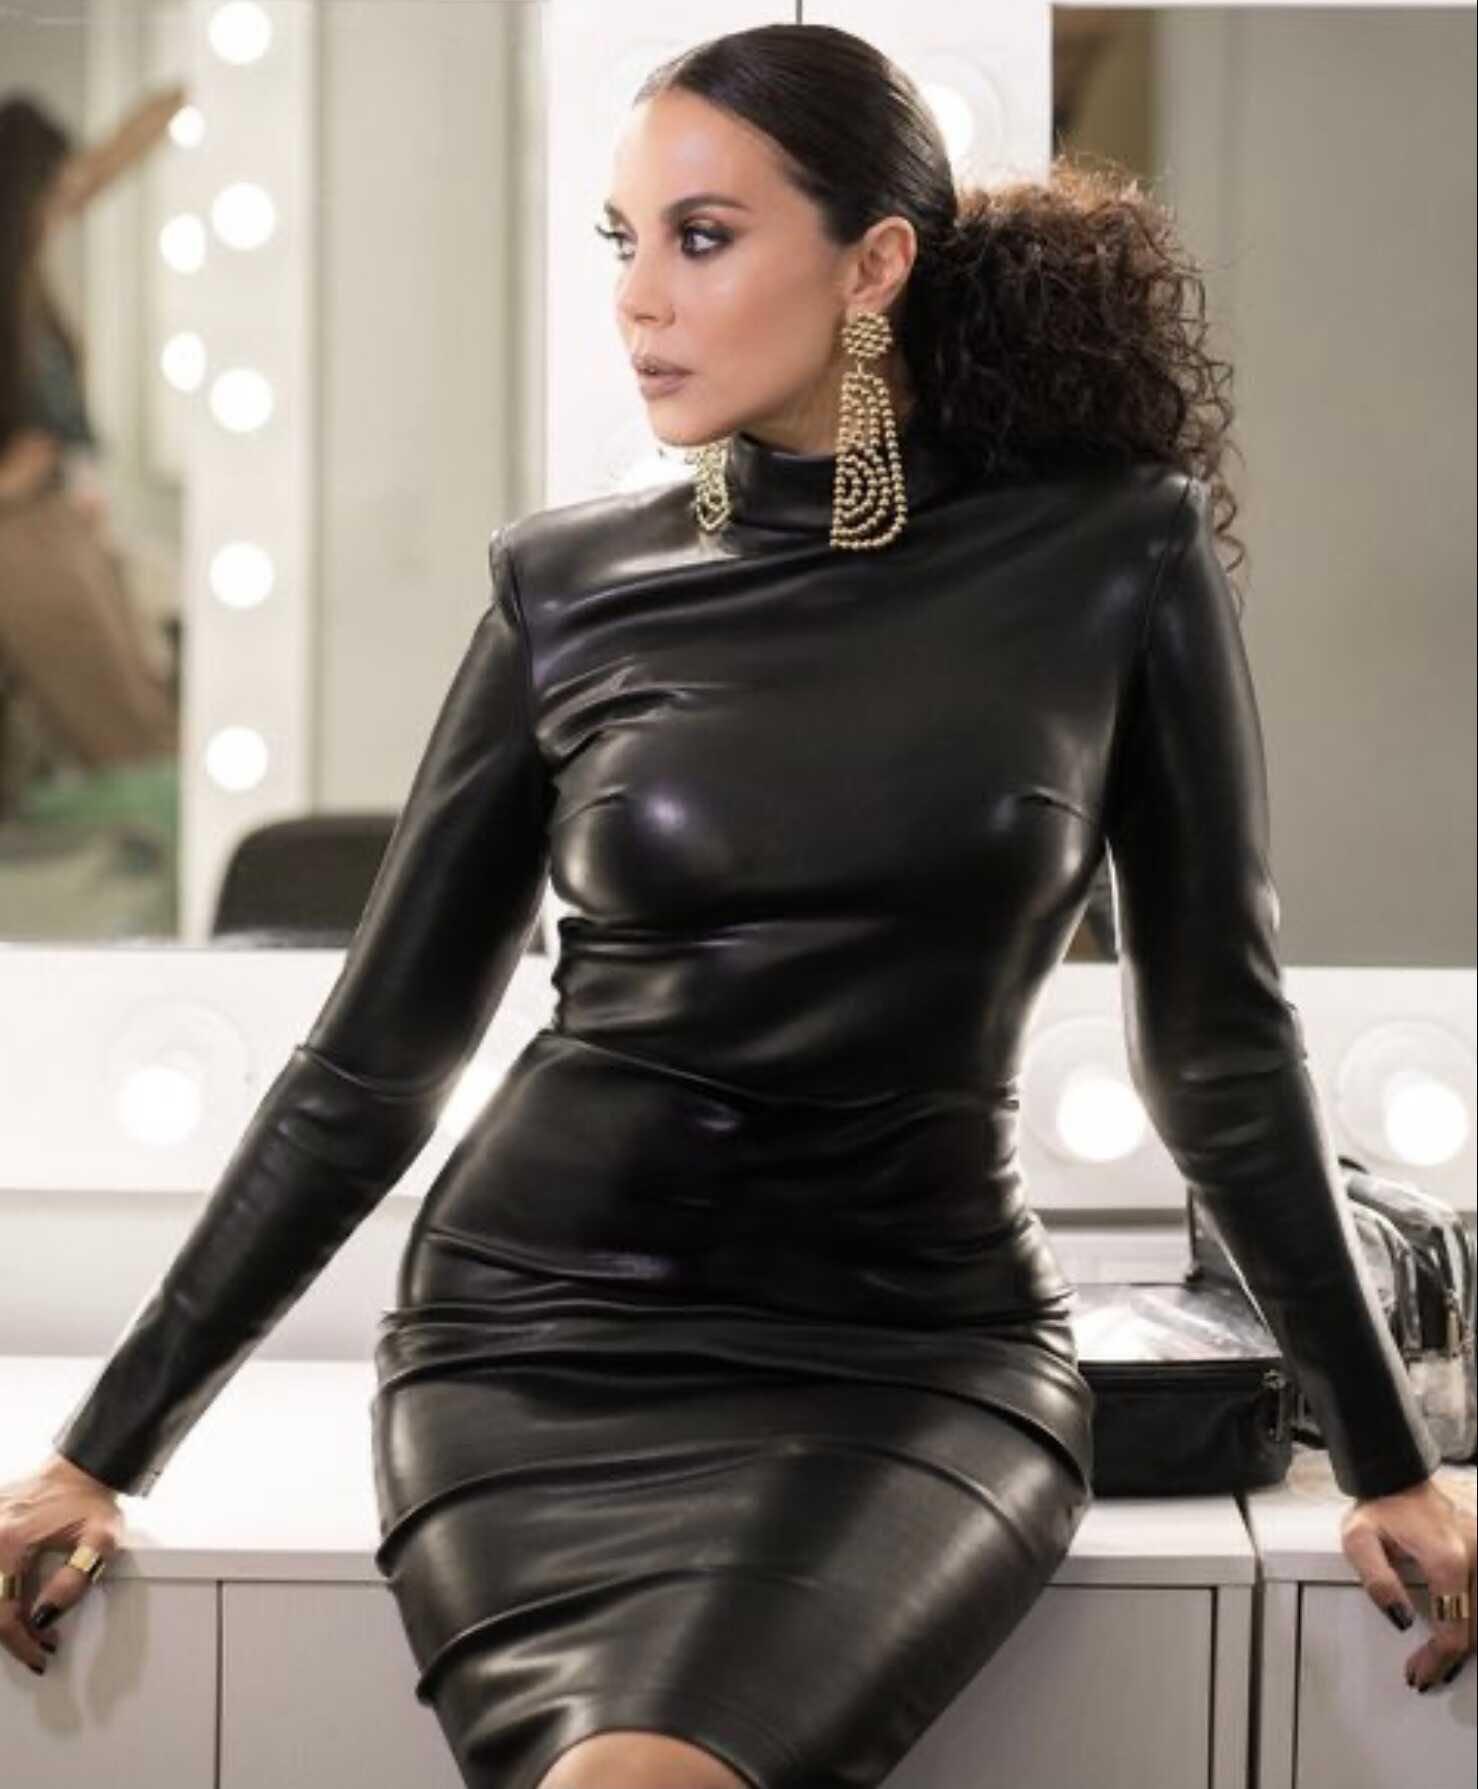 «Какая огромная!»: Настя Каменских в обтягивающем черном платье разочаровала поклонников